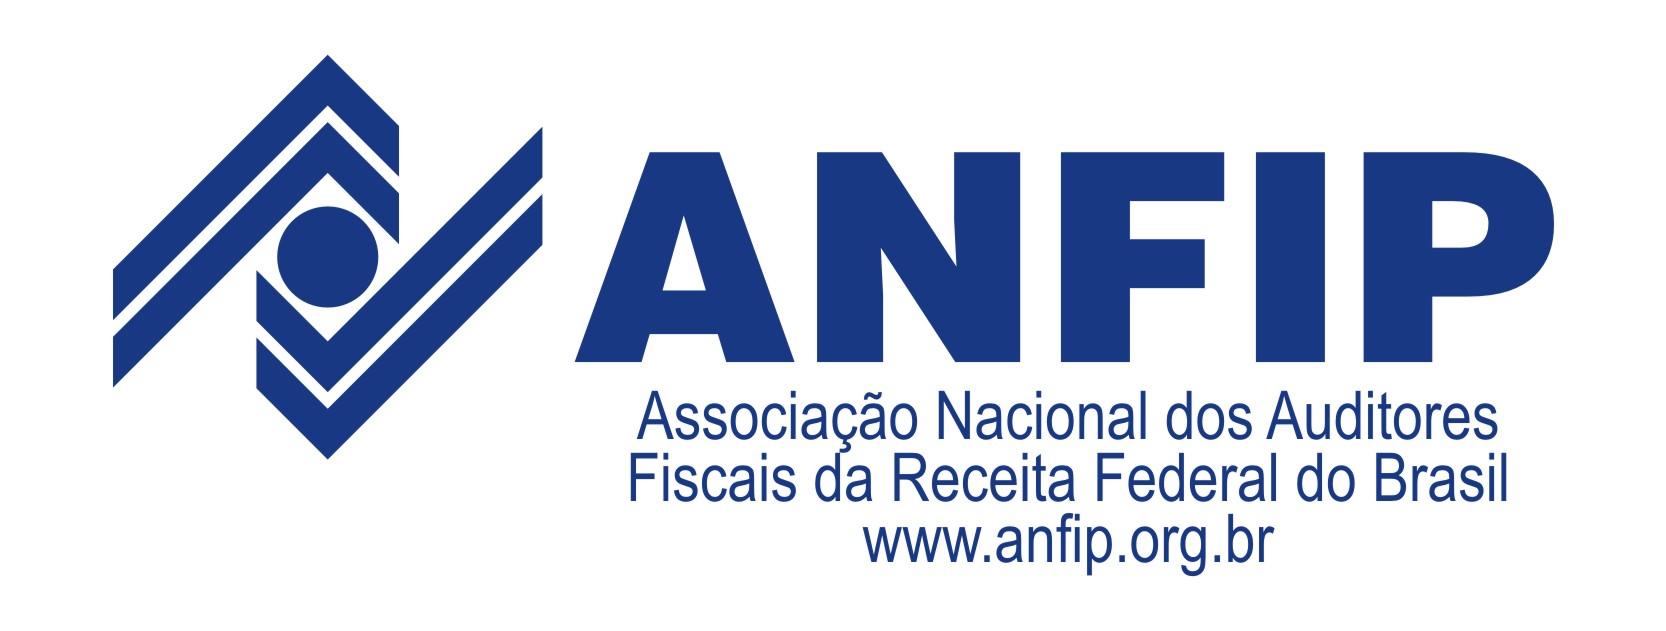 ANFIP - ASSOCIAÇÃO NACIONAL DOS AUDITORES FISCAIS DA RECEITA FEDERAL DO BRASIL